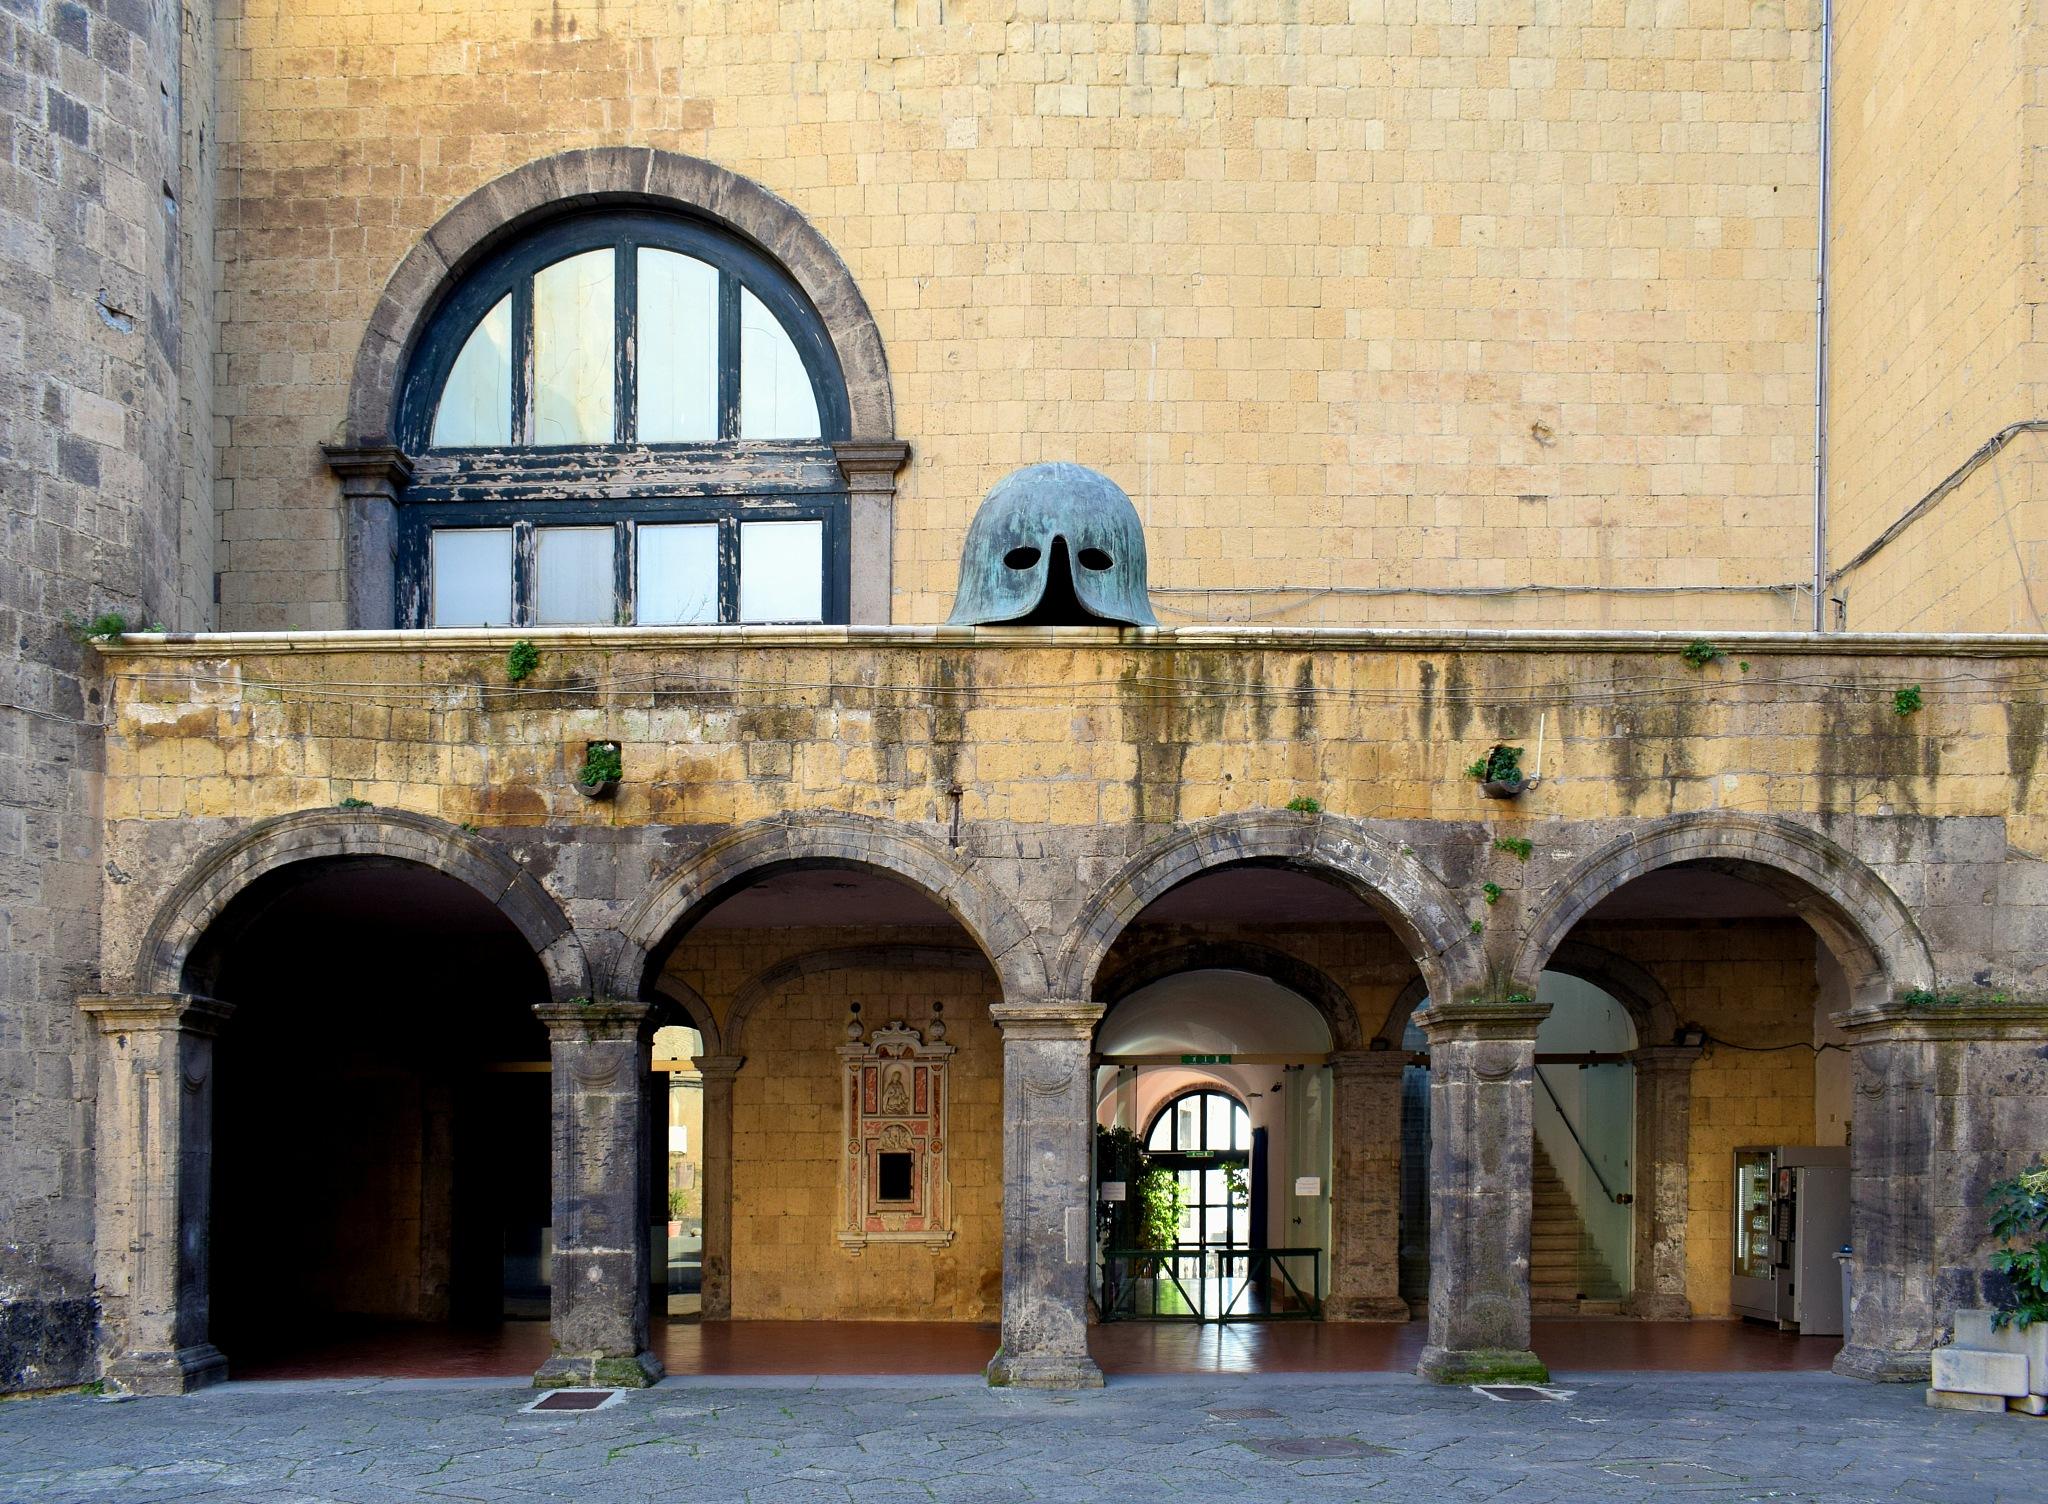 Photo in Architecture #arnaldo de lisio #aragonese #angioino #castello #castello medievale #architettura #castle #medieval castle #naples #napoli #maschio angioino #medieval helms #helms #helmet #elmo #elmo medievale